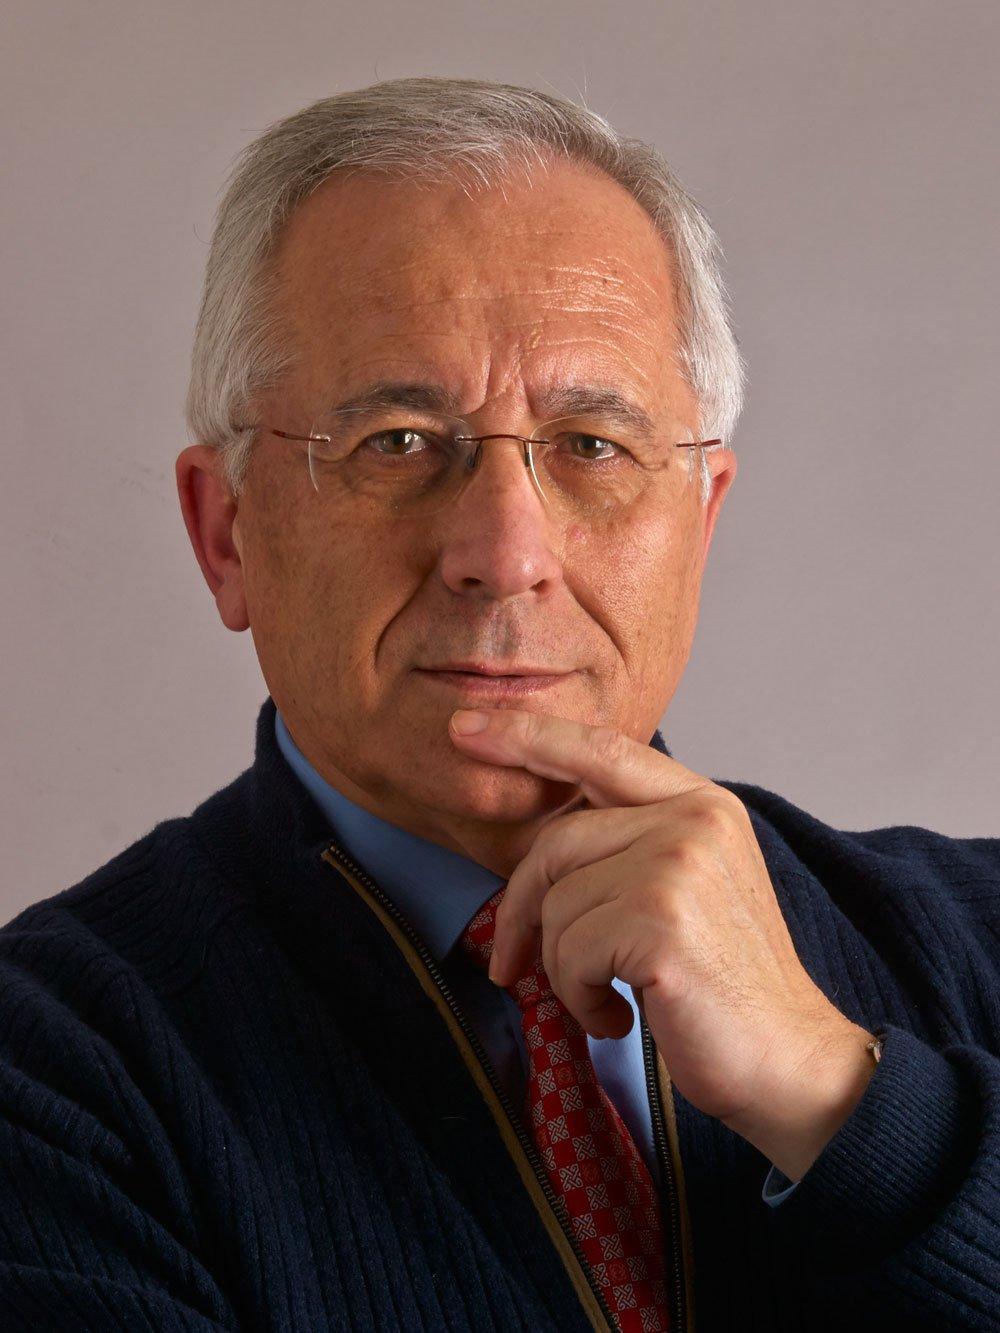 Xosé González Martínez